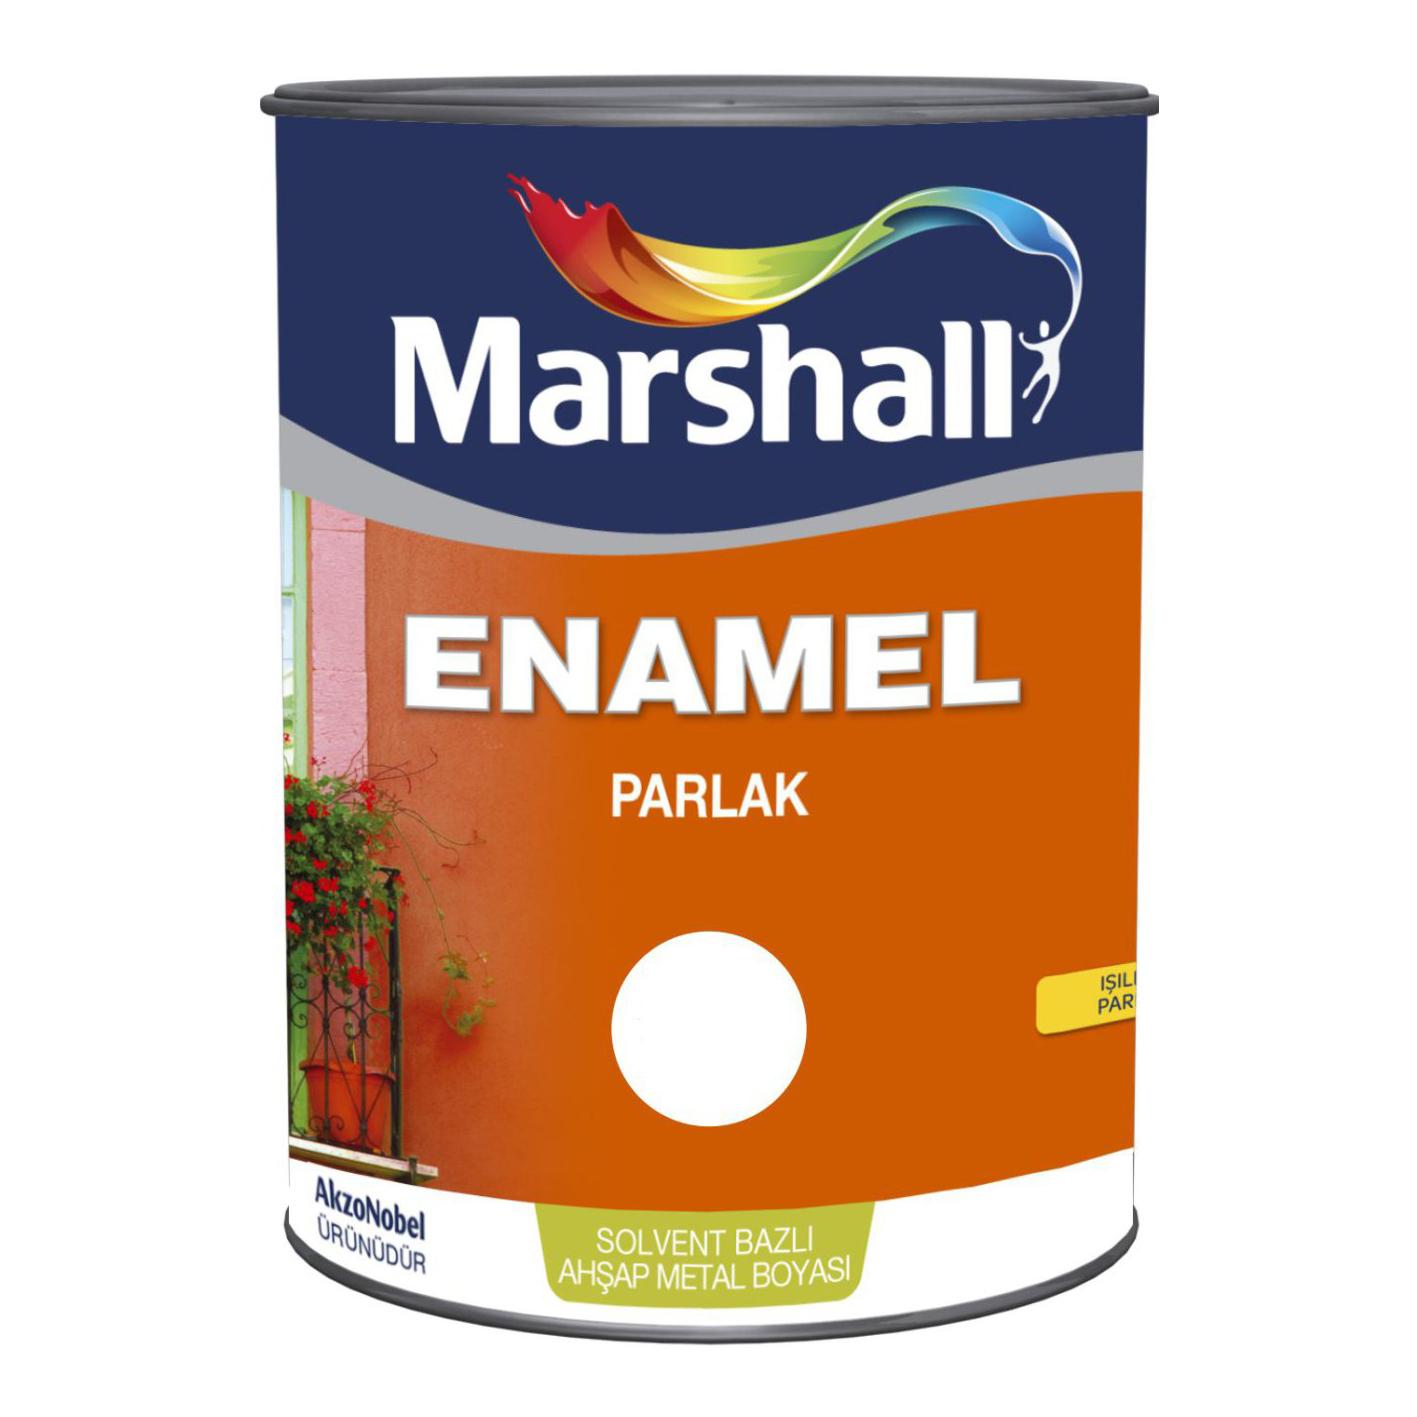 Marshall Enamel Parlak Siyah 15Lt